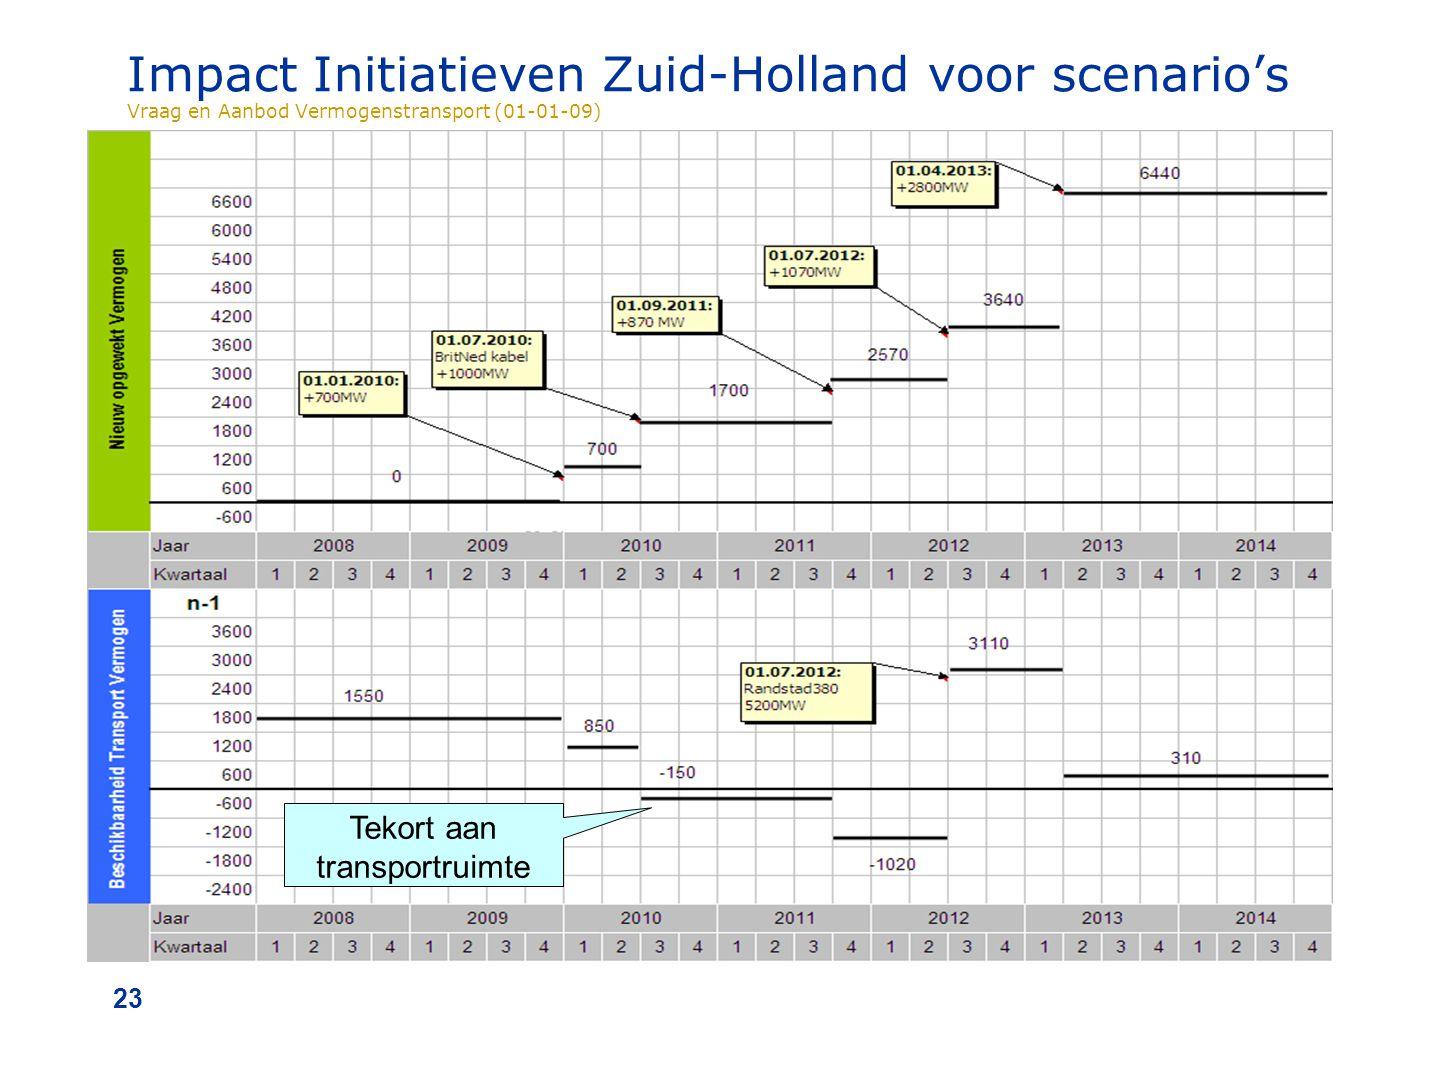 23 Impact Initiatieven Zuid-Holland voor scenario's Vraag en Aanbod Vermogenstransport (01-01-09) Tekort aan transportruimte